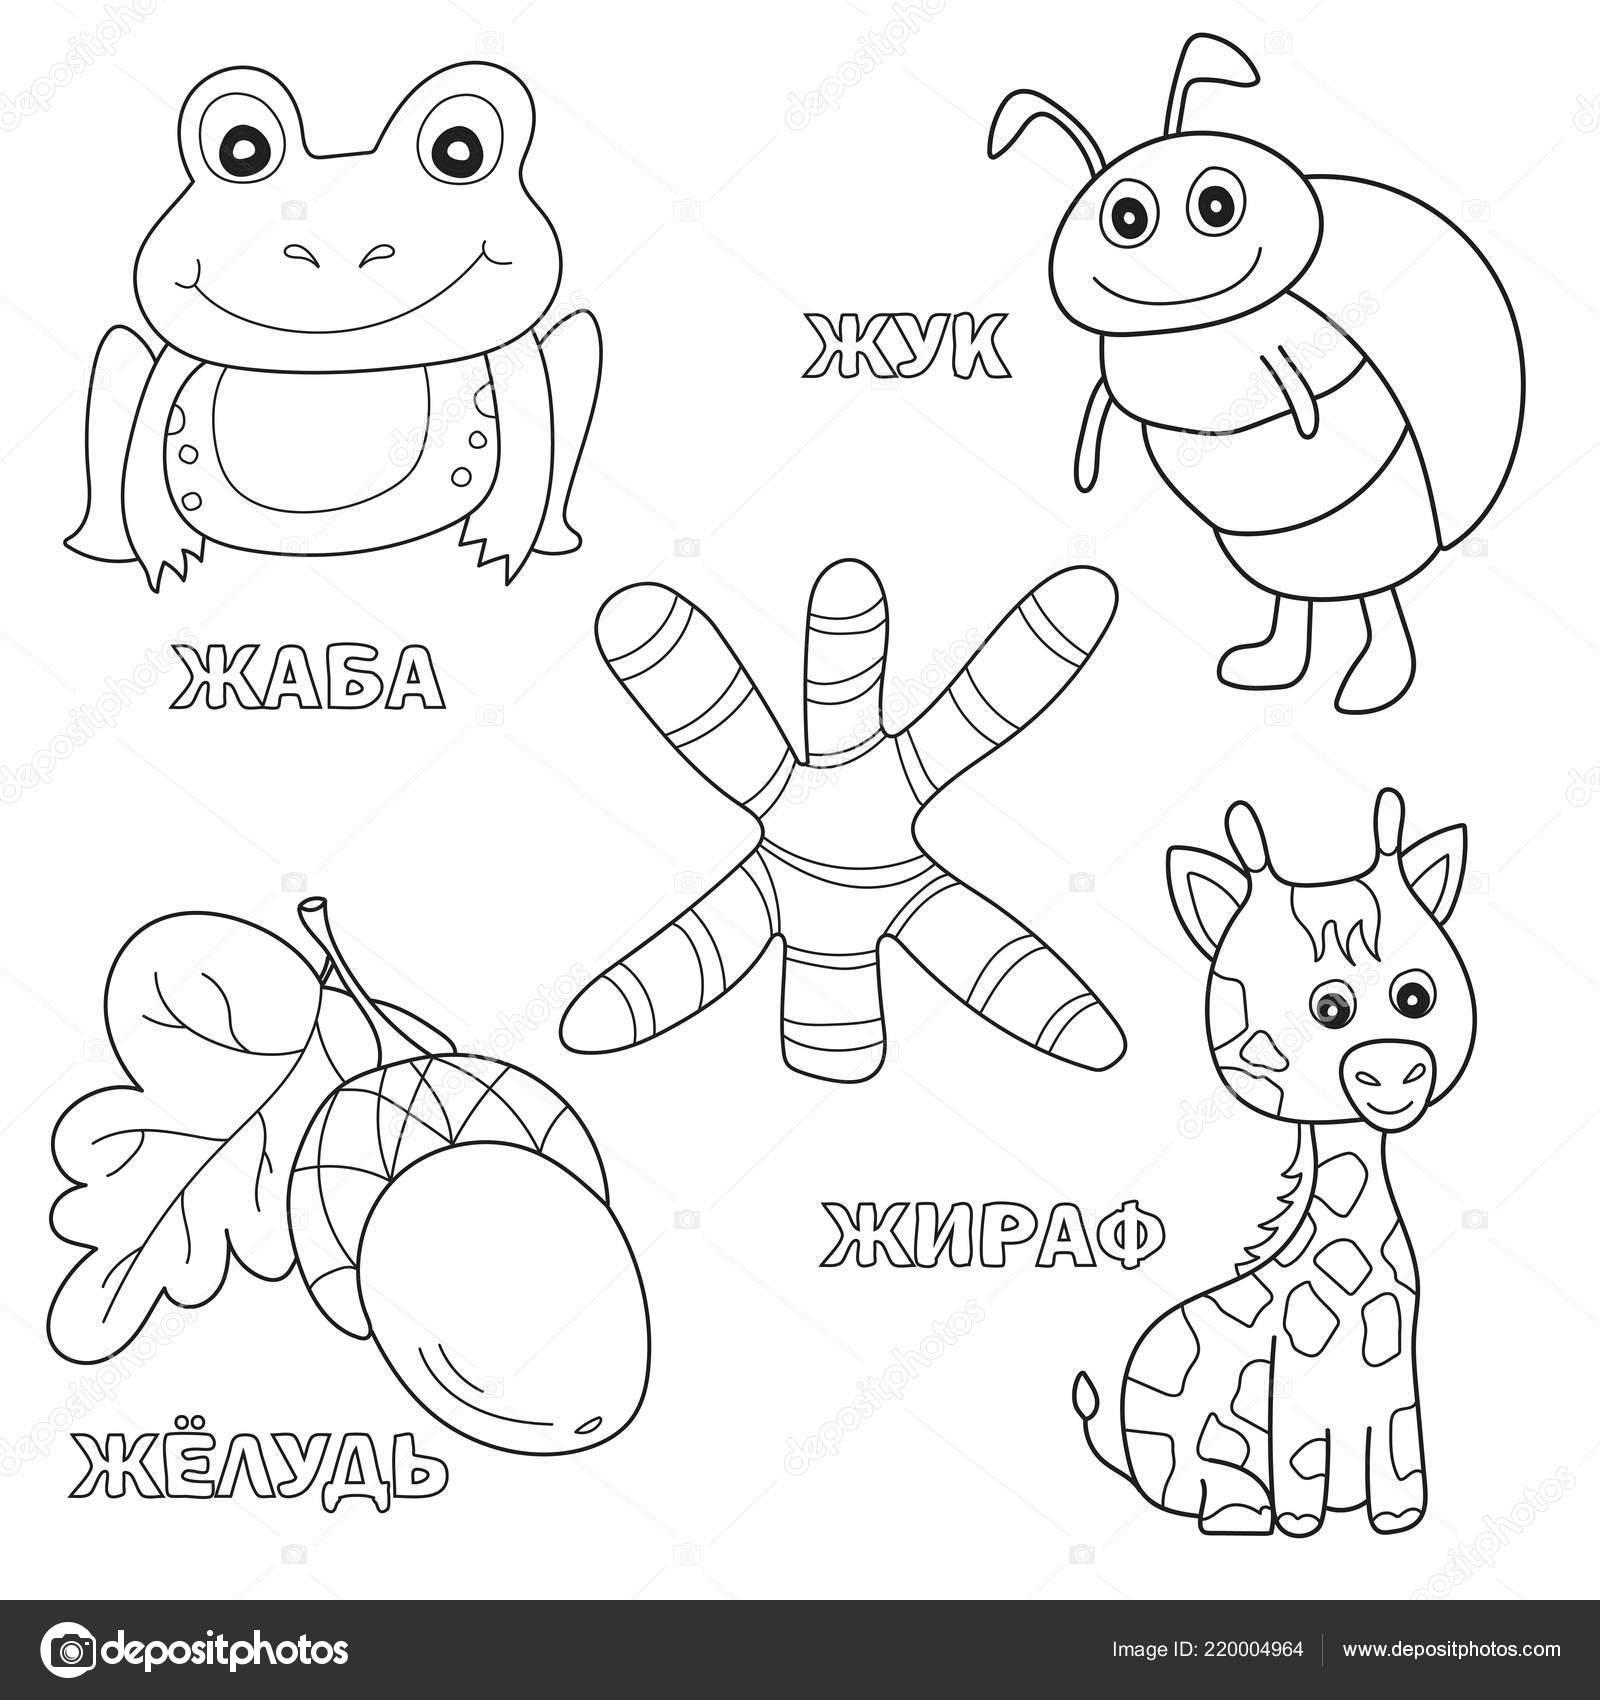 Rus Alfabesi Mektubu çocuklar Için Boyama Kitabı Mektup Resimleri